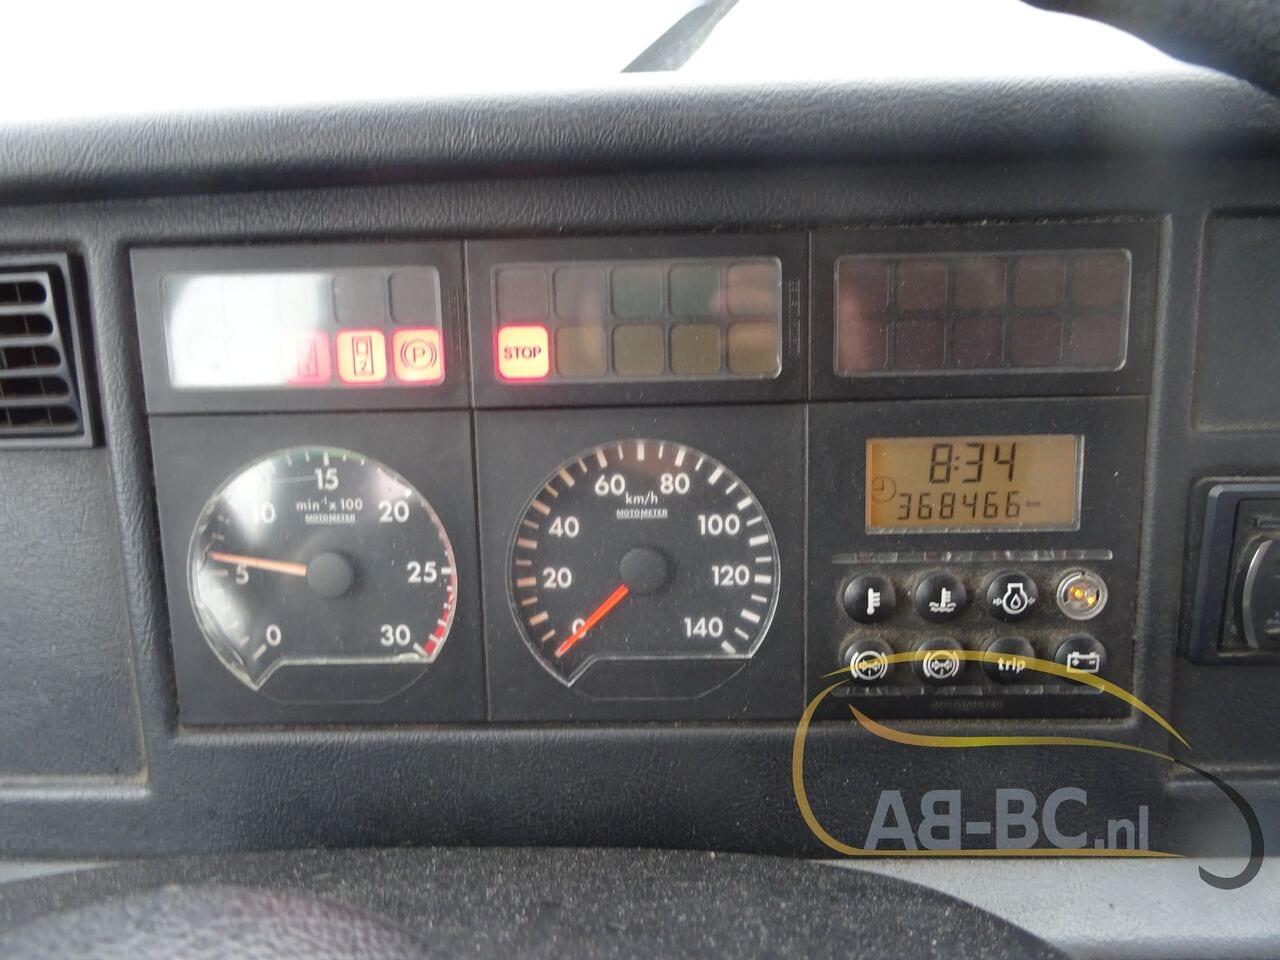 interurban-busIVECO-Irisbus-Recreo-64-Seats---1626160034864326085_big_093a711e34a63e502032bb9e57f0e7fc--21071309575983154500